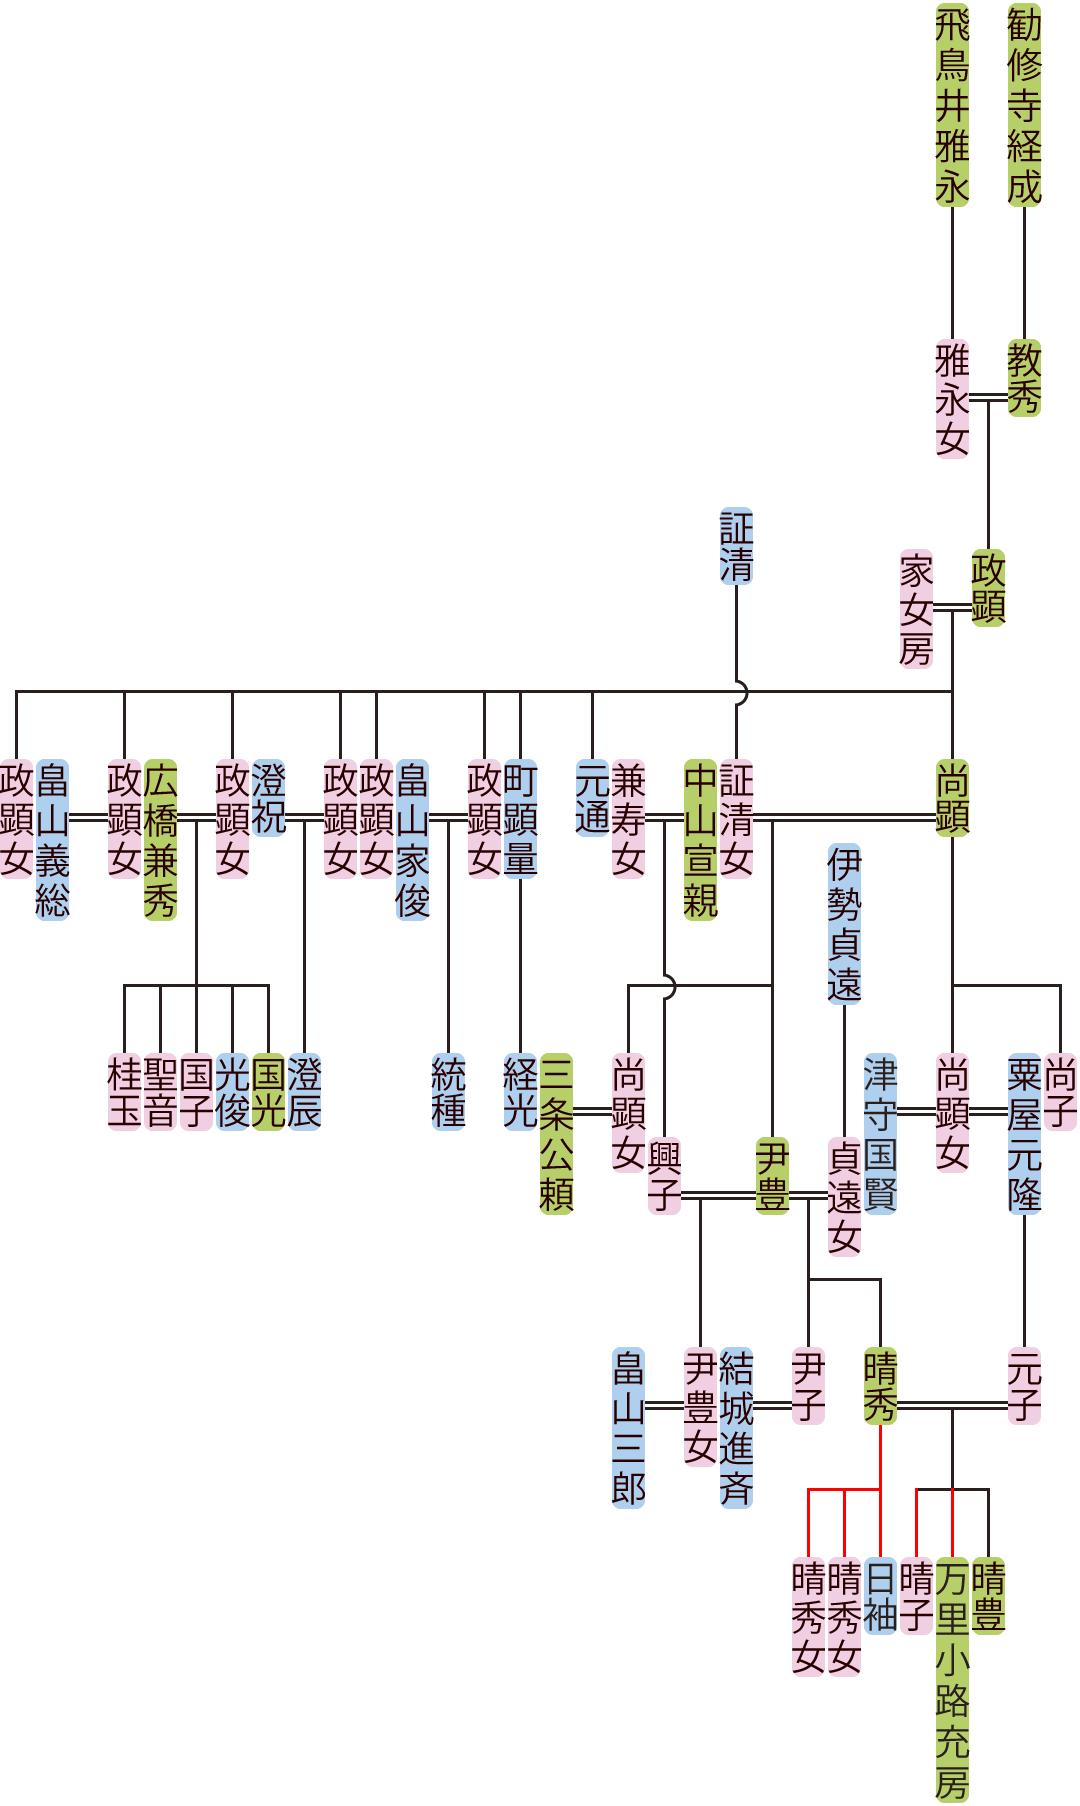 勧修寺政顕~尹豊の系図